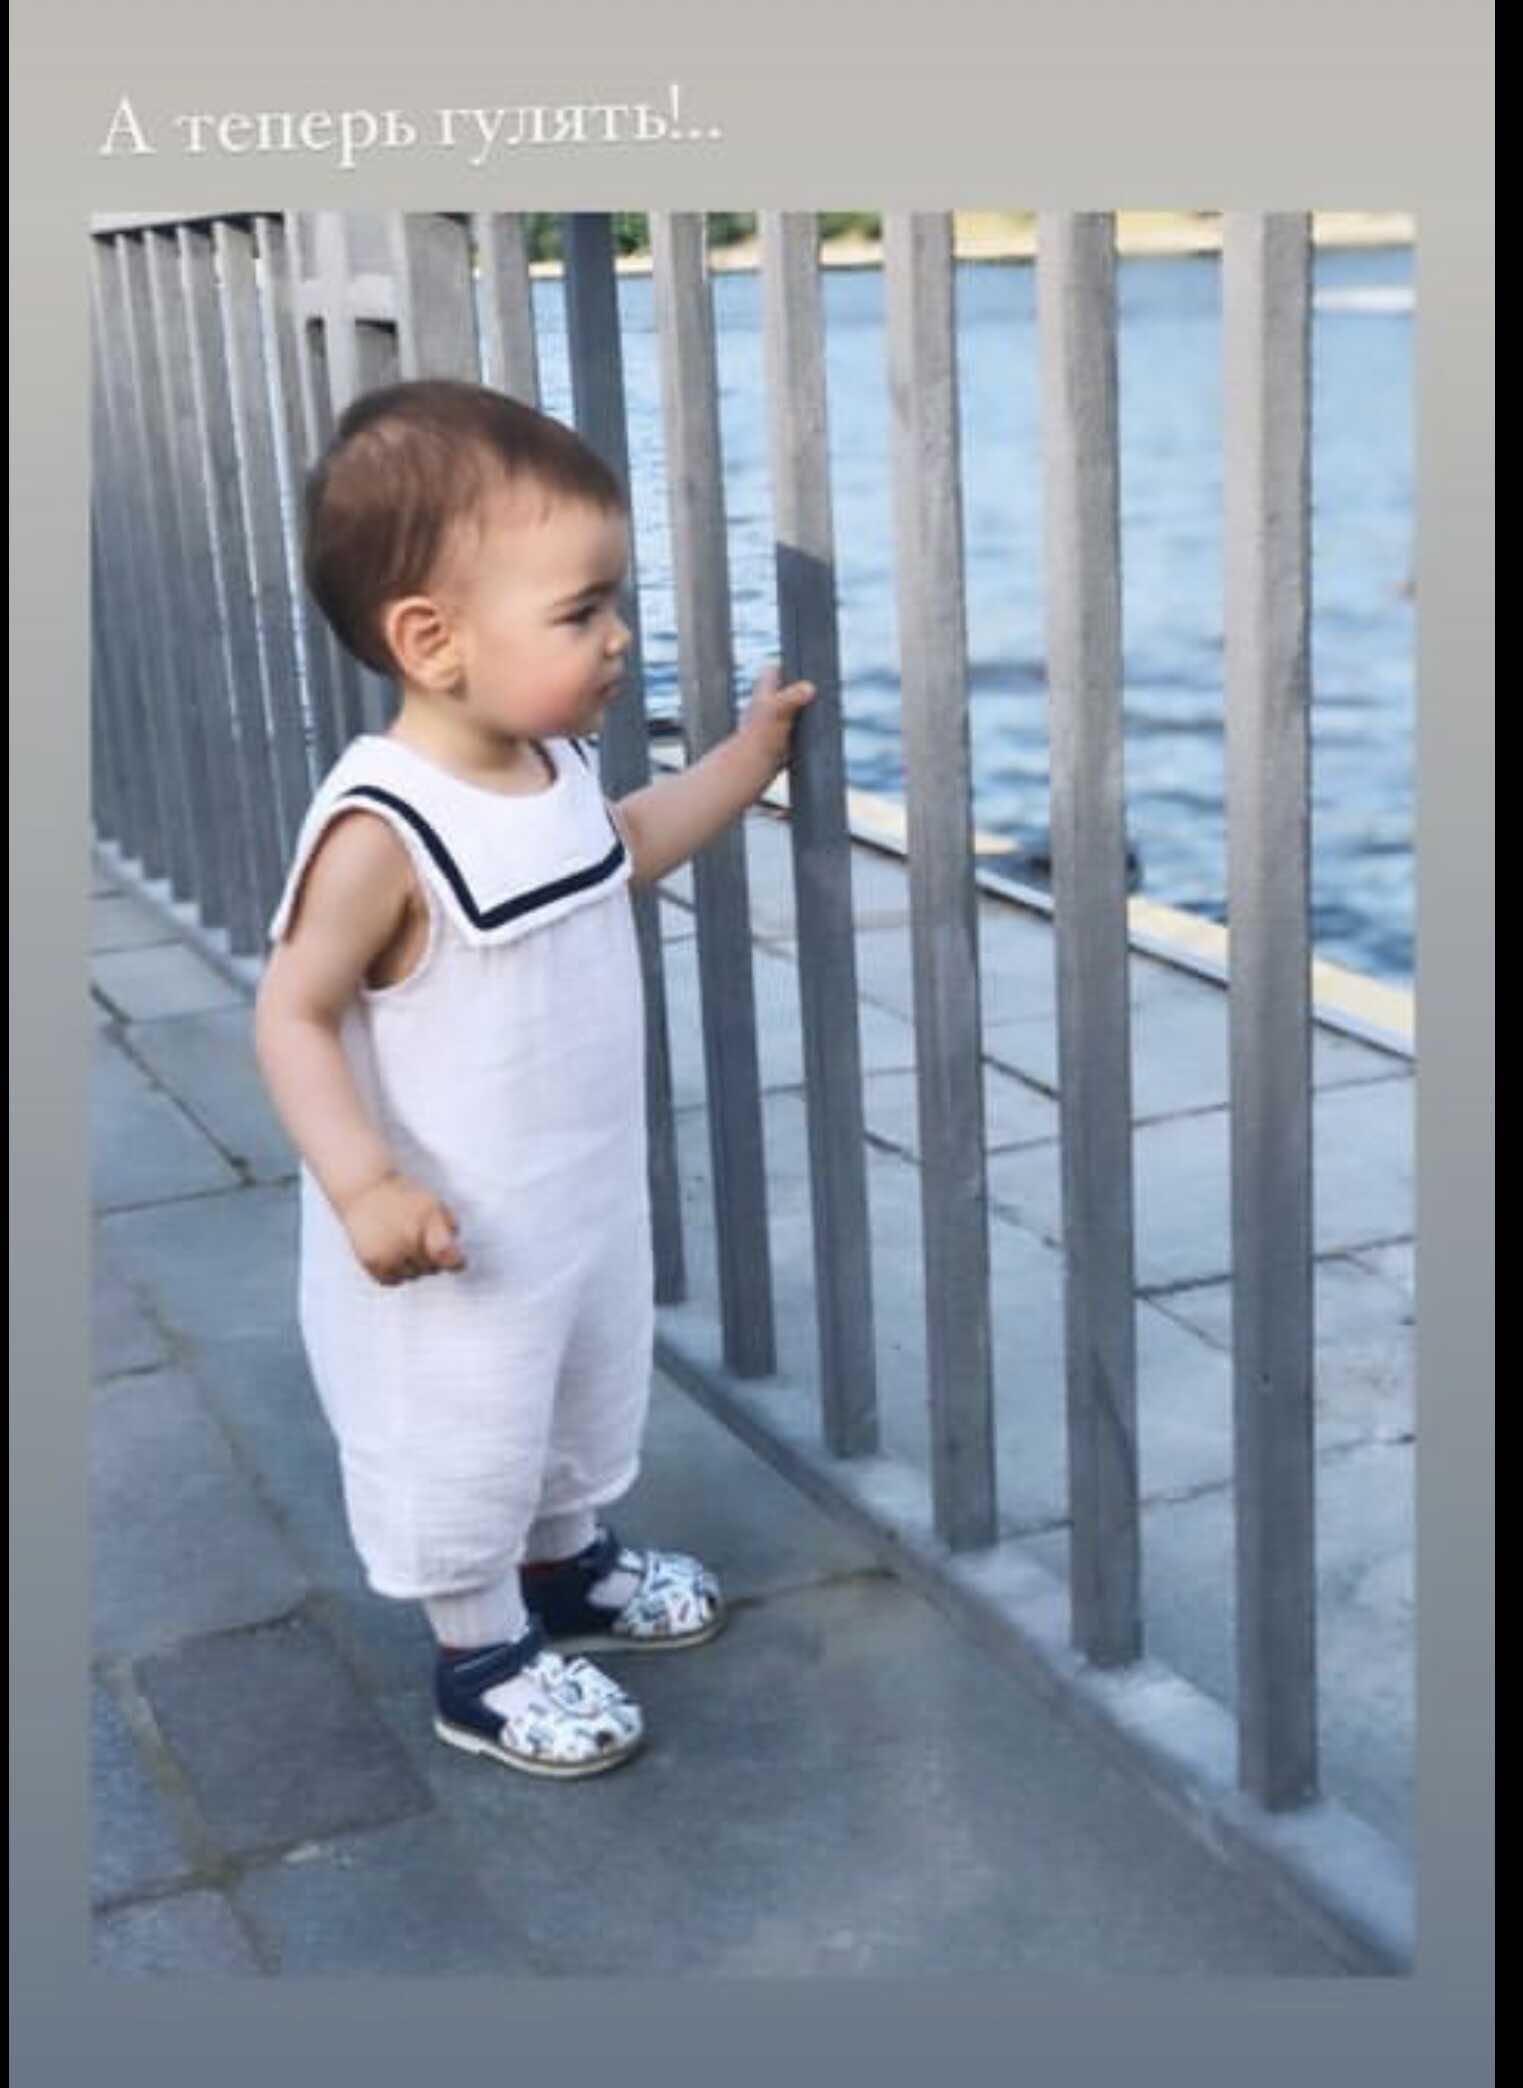 «Теперь гулять!»: Татьяна Брухунова показала подросшего сына от Евгения Петросяна